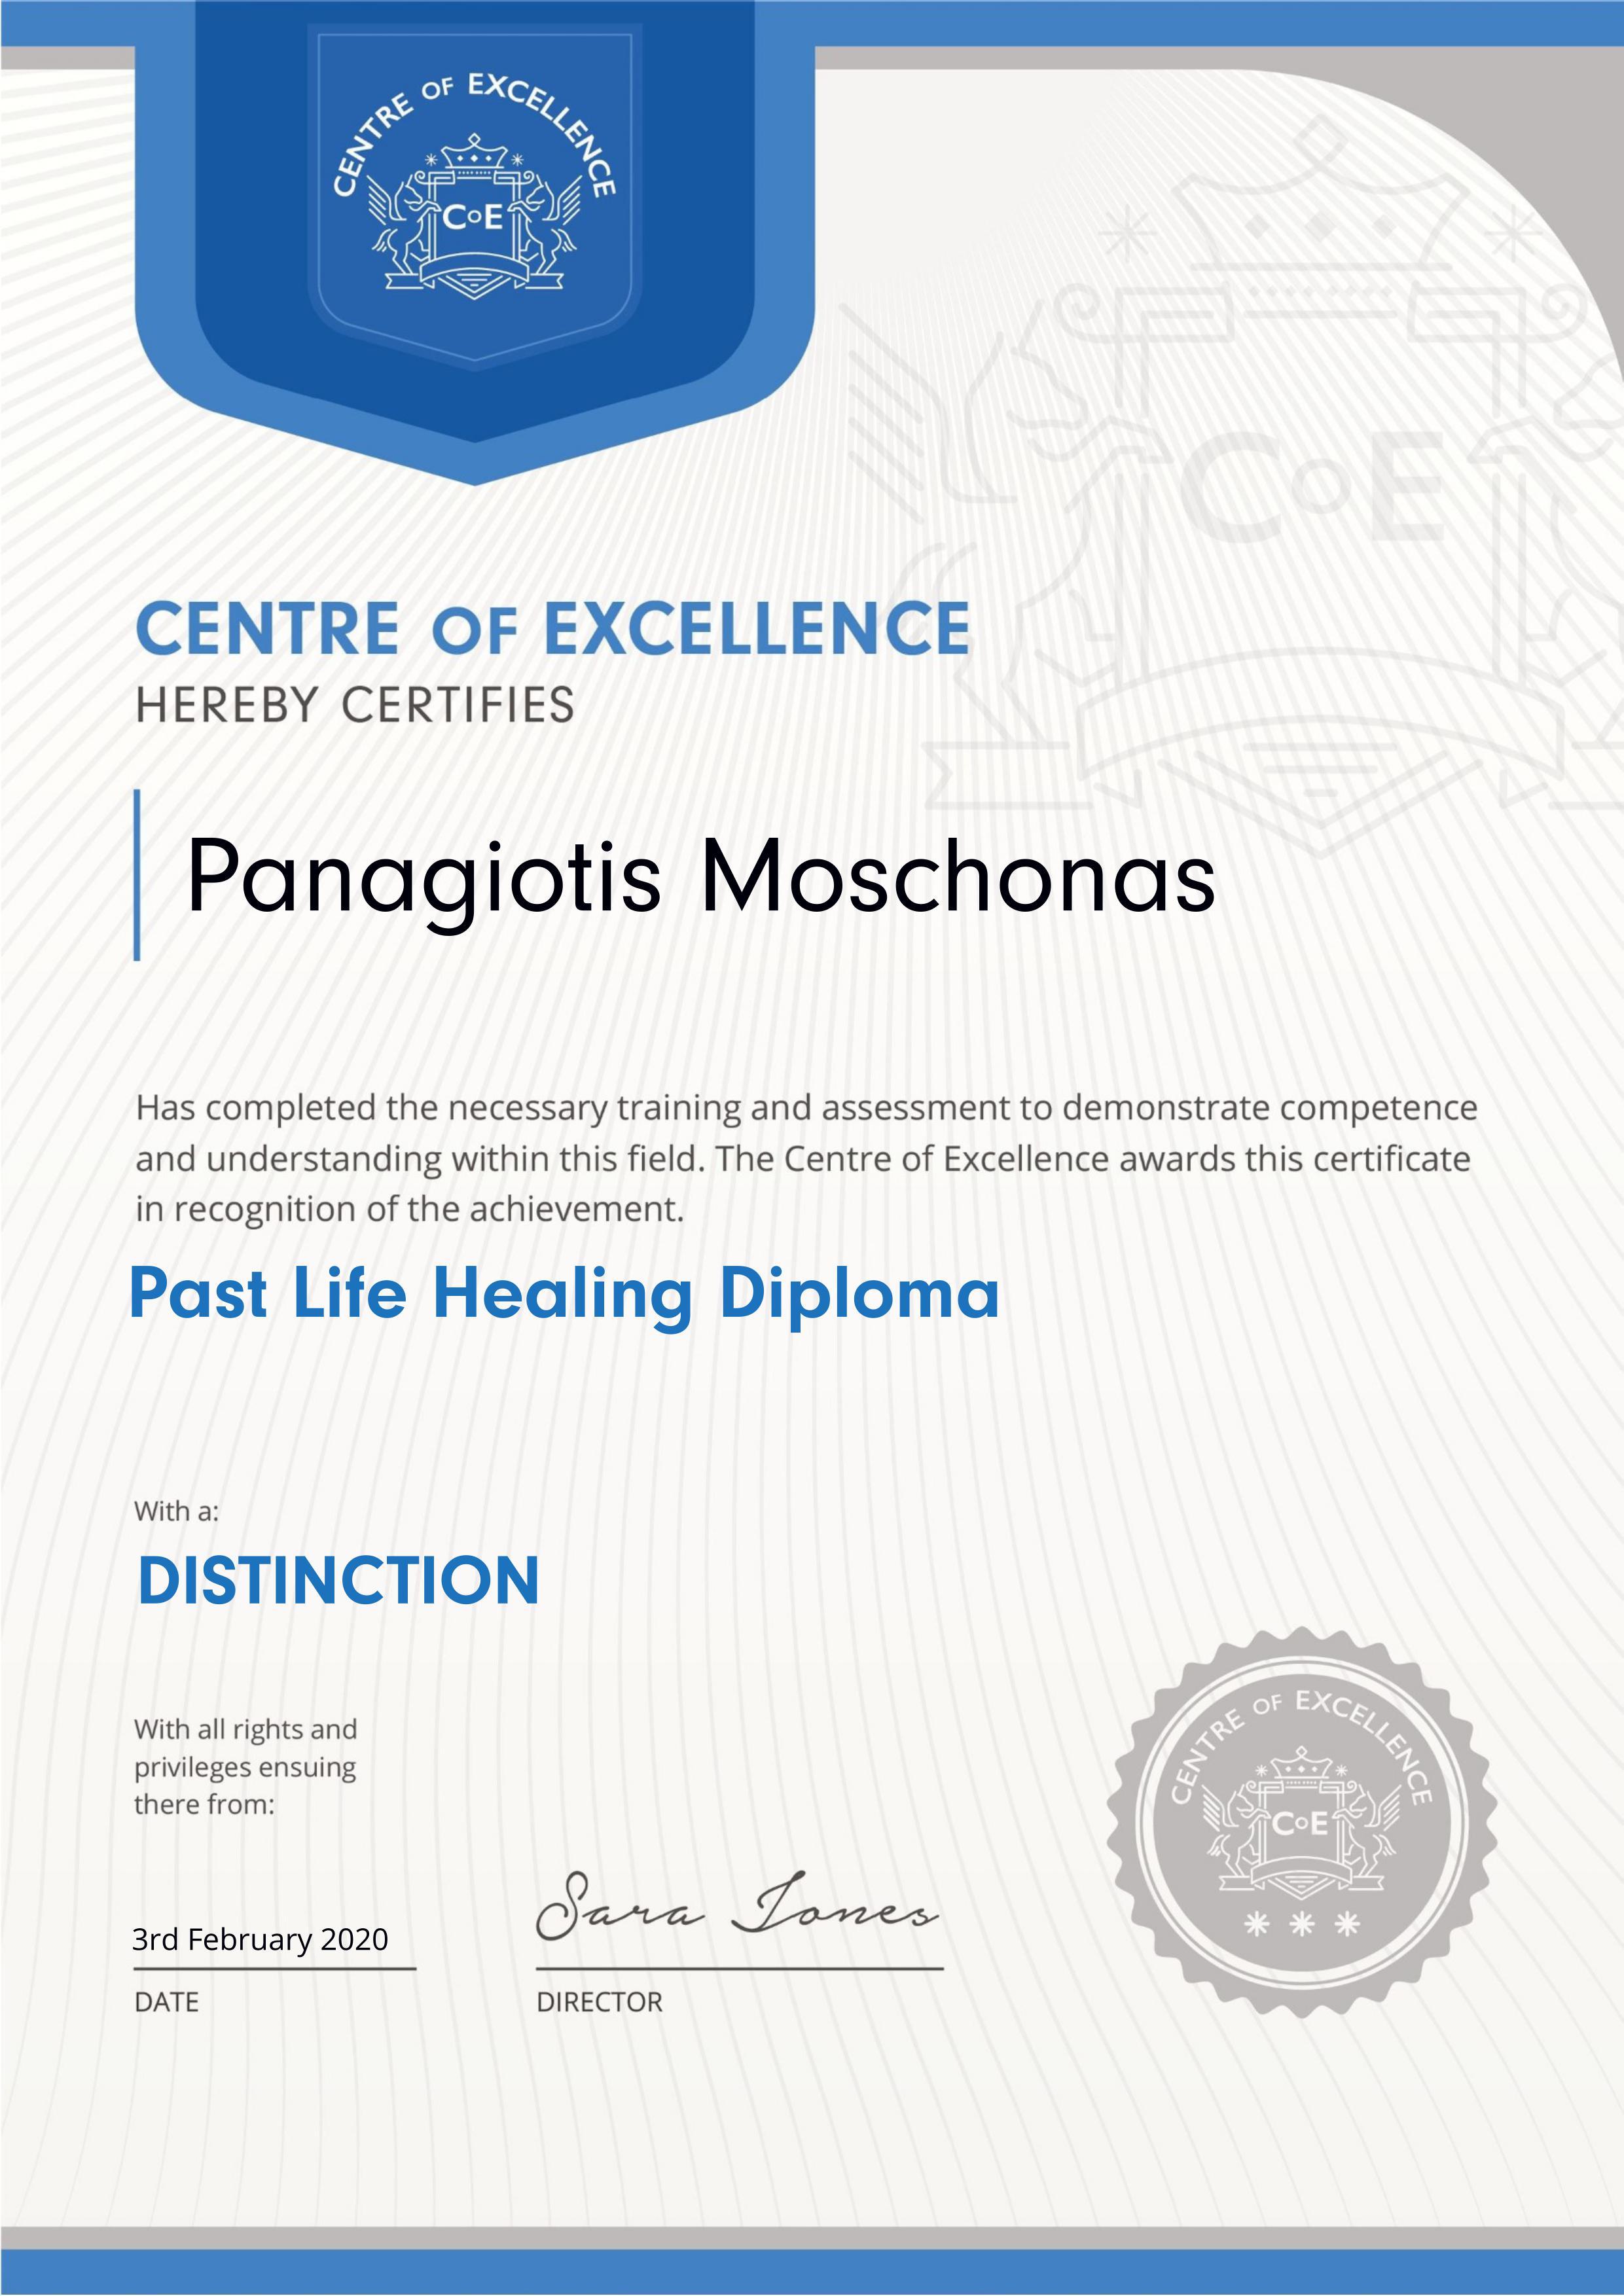 Past Life Healing Diploma